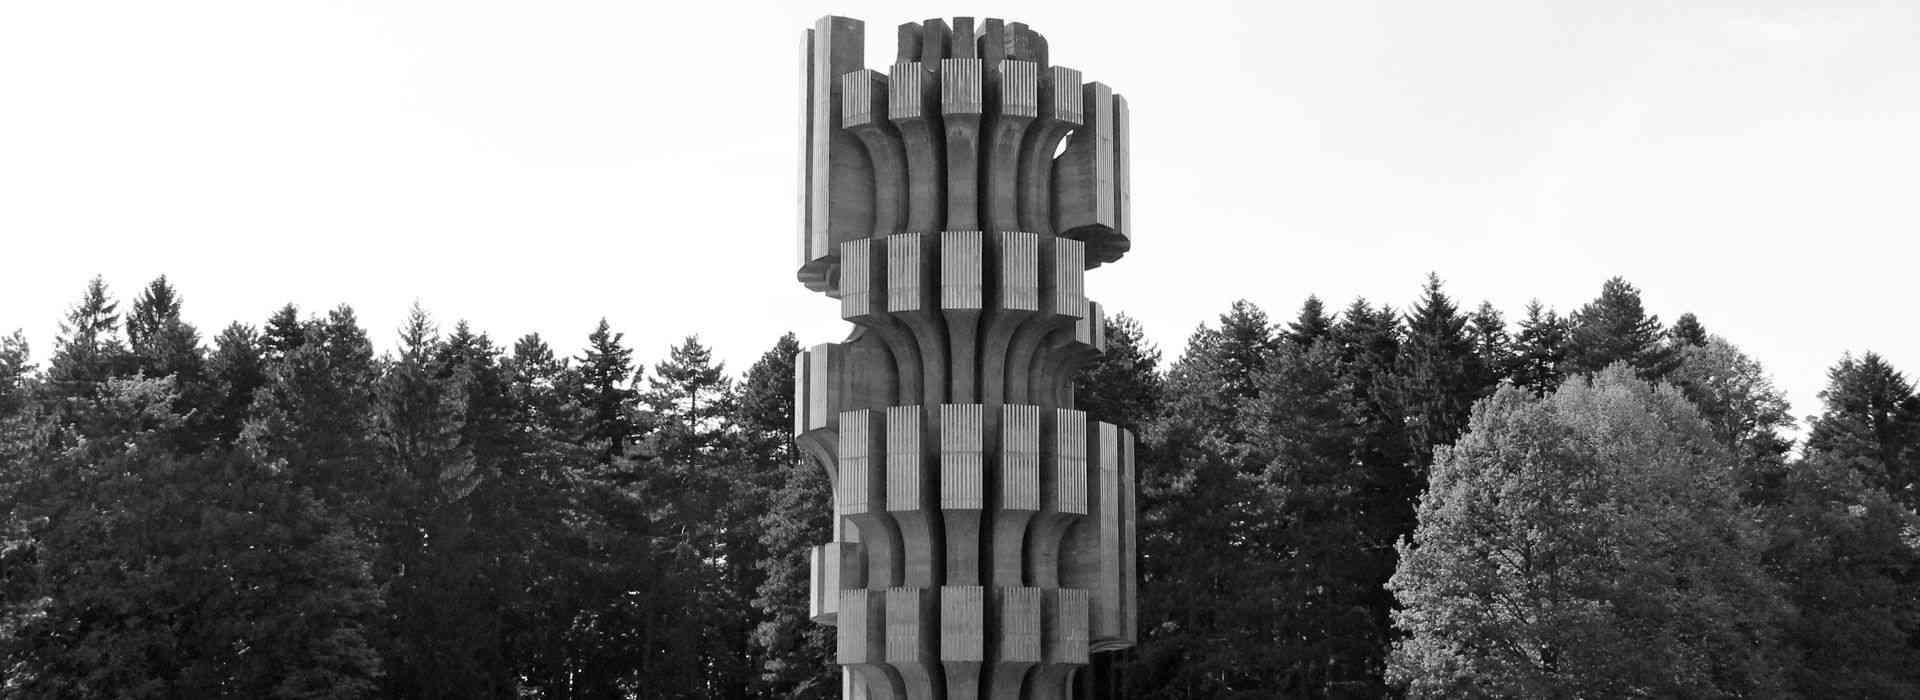 Spomenik Revoluciji Nacionalni Park Kozara Kozara National